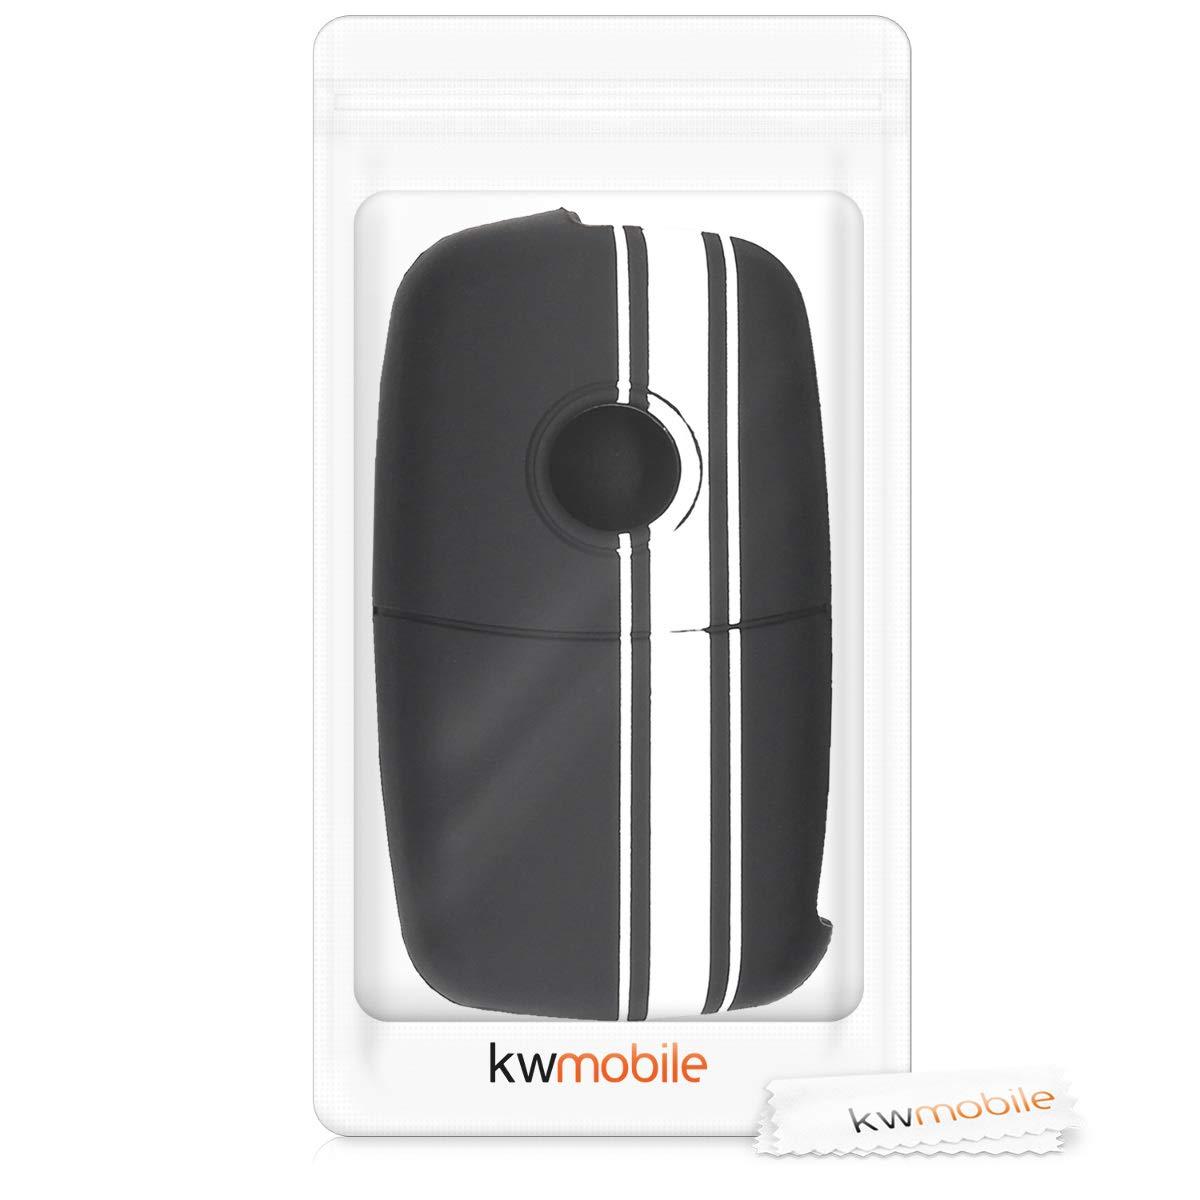 kwmobile Accessoire cl/é de Voiture pour VW Skoda Seat Coque pour Clef de Voiture VW Skoda Seat 3-Bouton en Silicone Blanc-Noir /Étui de Protection Souple